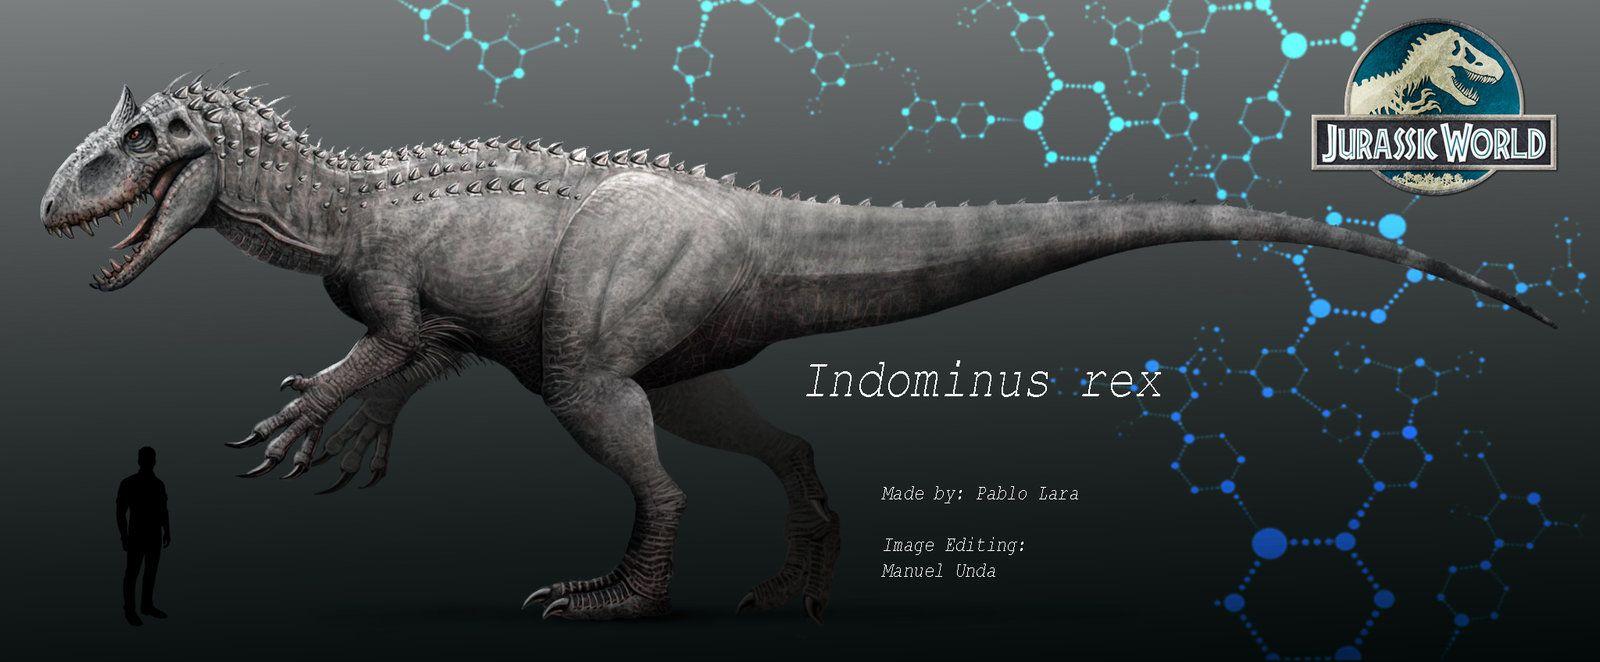 Jurassic World Indominus rex by MANUSAURIO.deviantart.com on @DeviantArt